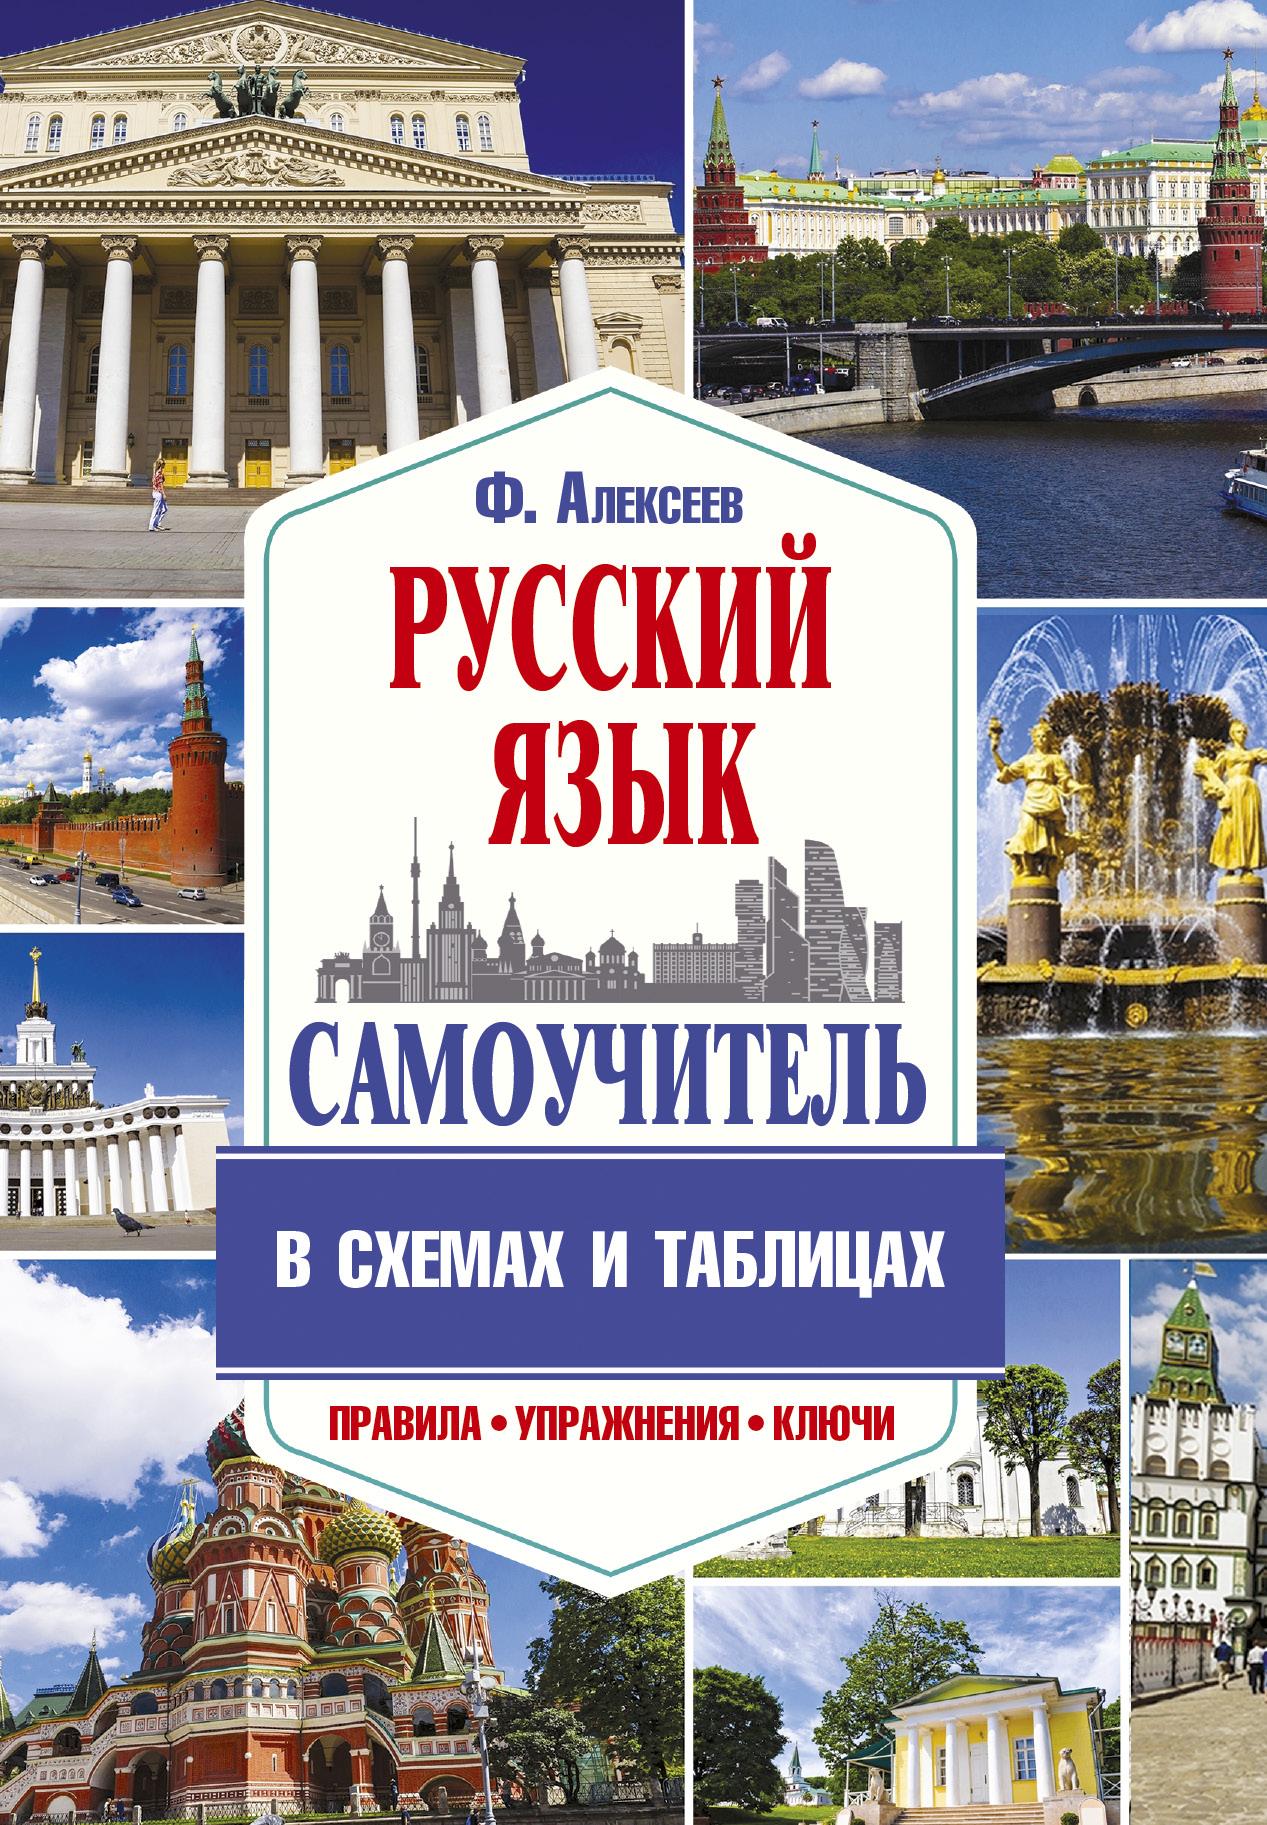 Самоучитель русского языка в схемах и таблицах